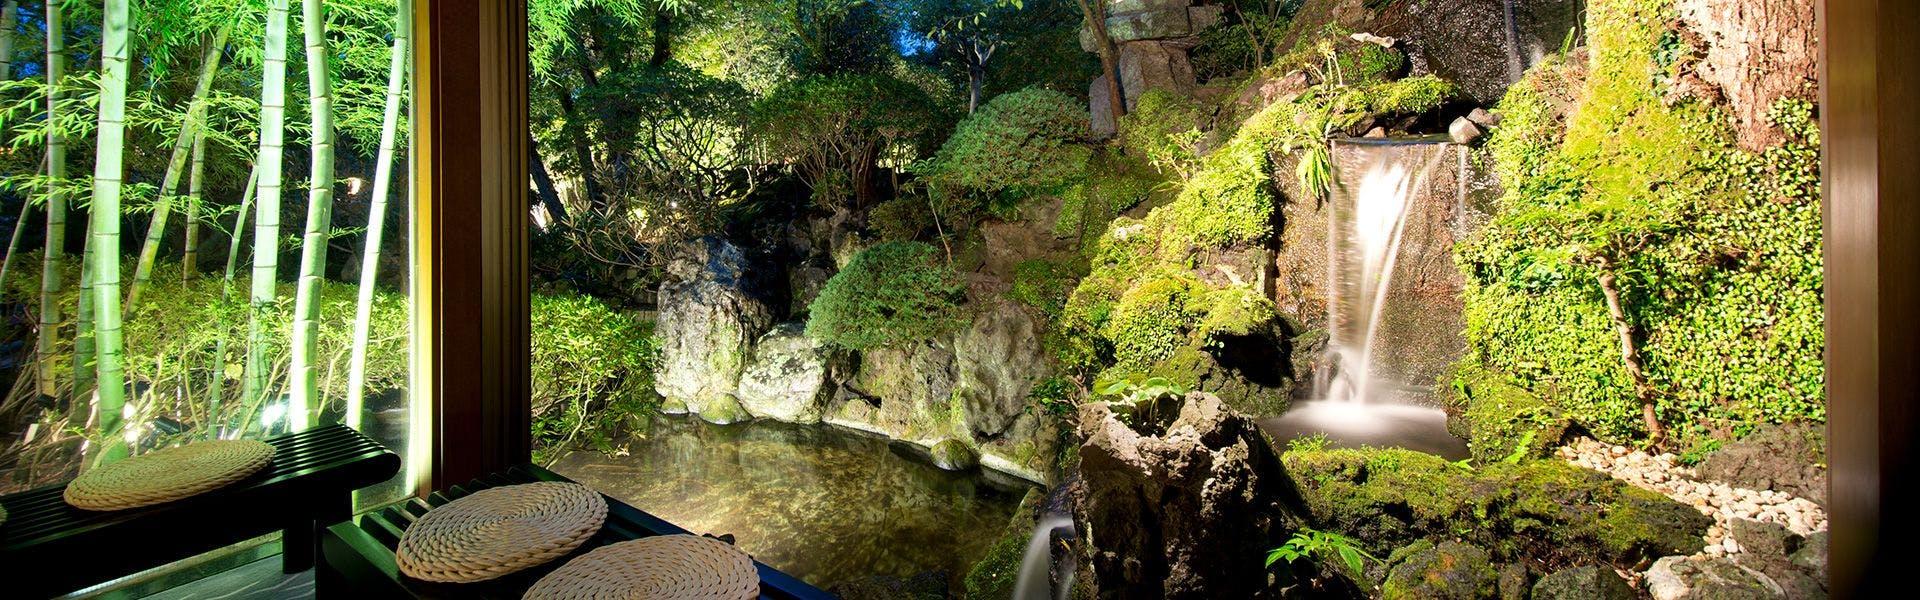 記念日におすすめのホテル・ABBA RESORTS IZU - 坐漁荘の写真2